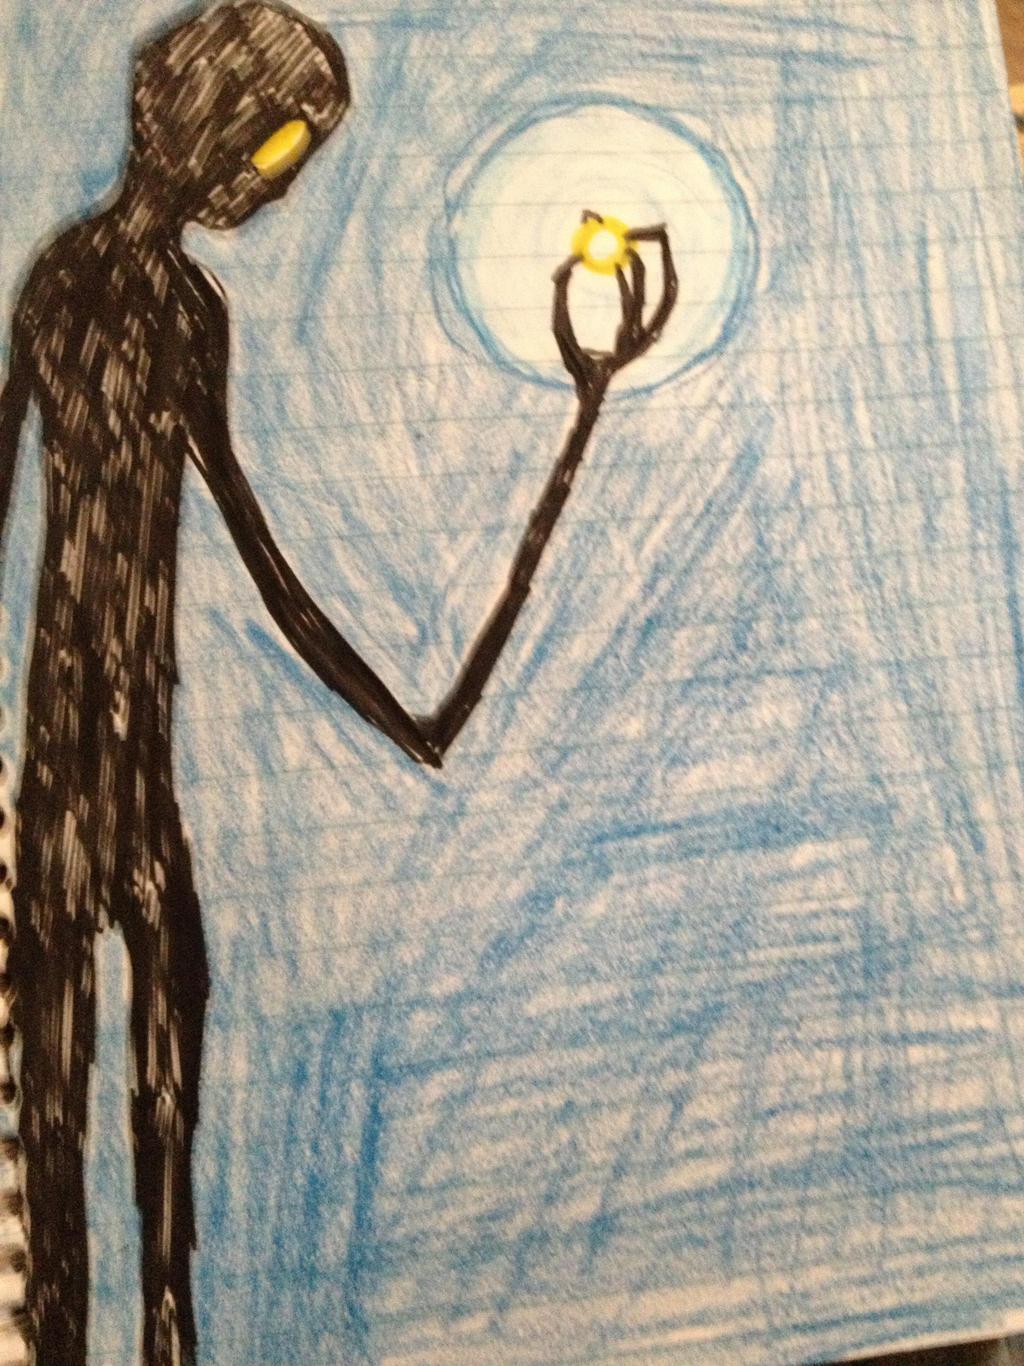 Light? by Sonny-Daze